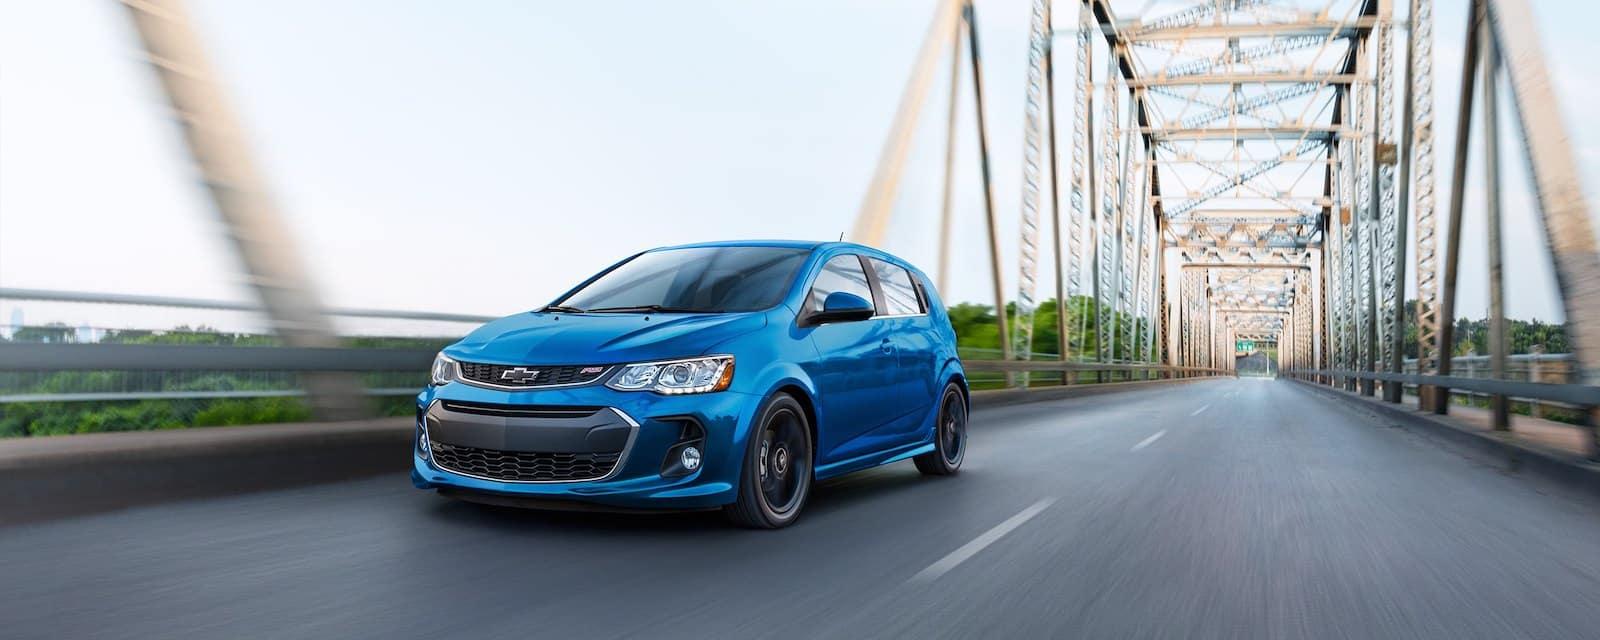 Chevrolet Sonic Dealership